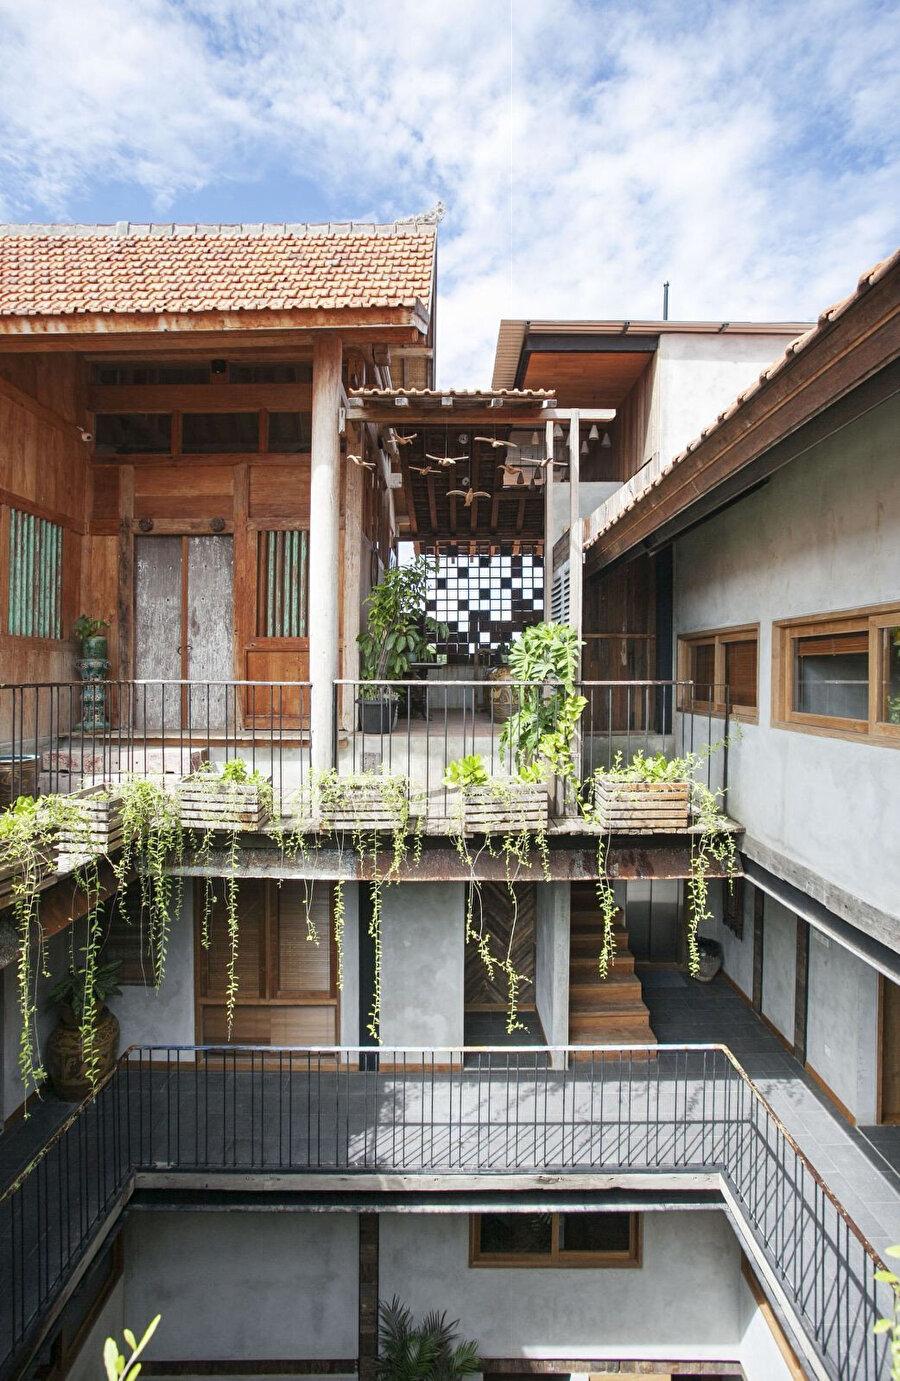 Yapı sahibinin sanat koleksiyonuna ait bir eser, çatı katında yer alıyor.